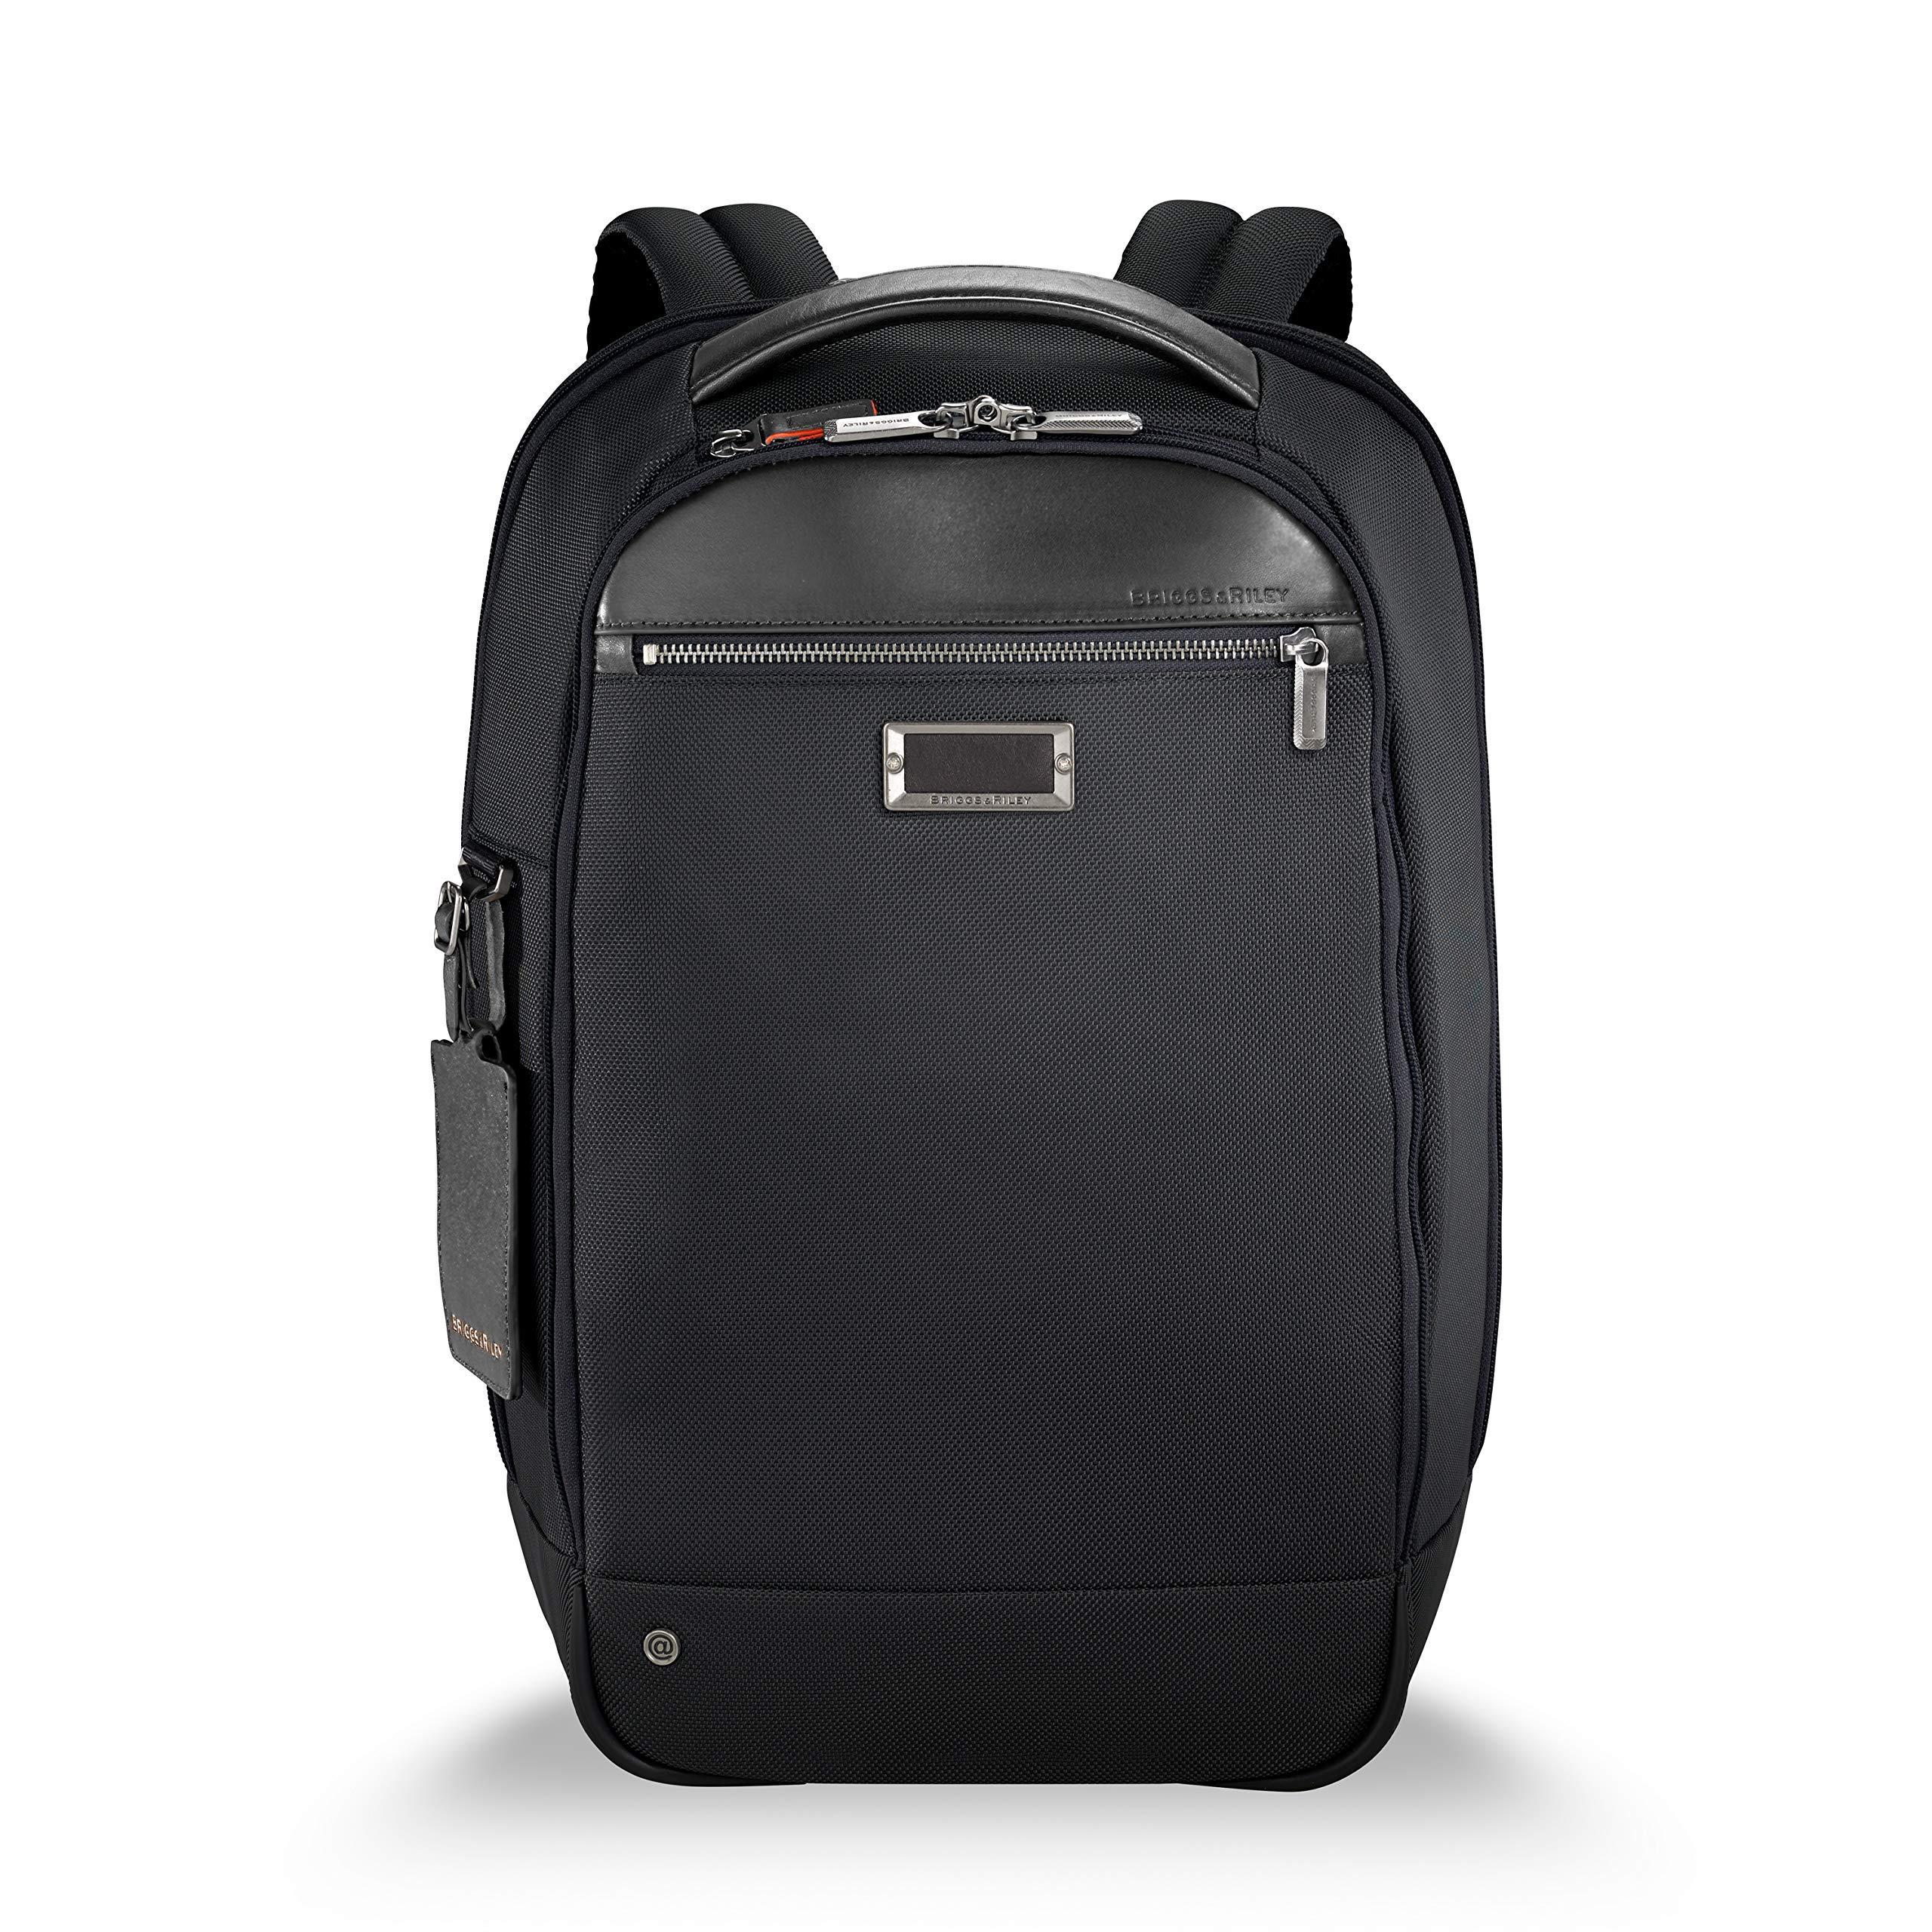 Briggs & Riley @work Medium Slim Backpack, Black